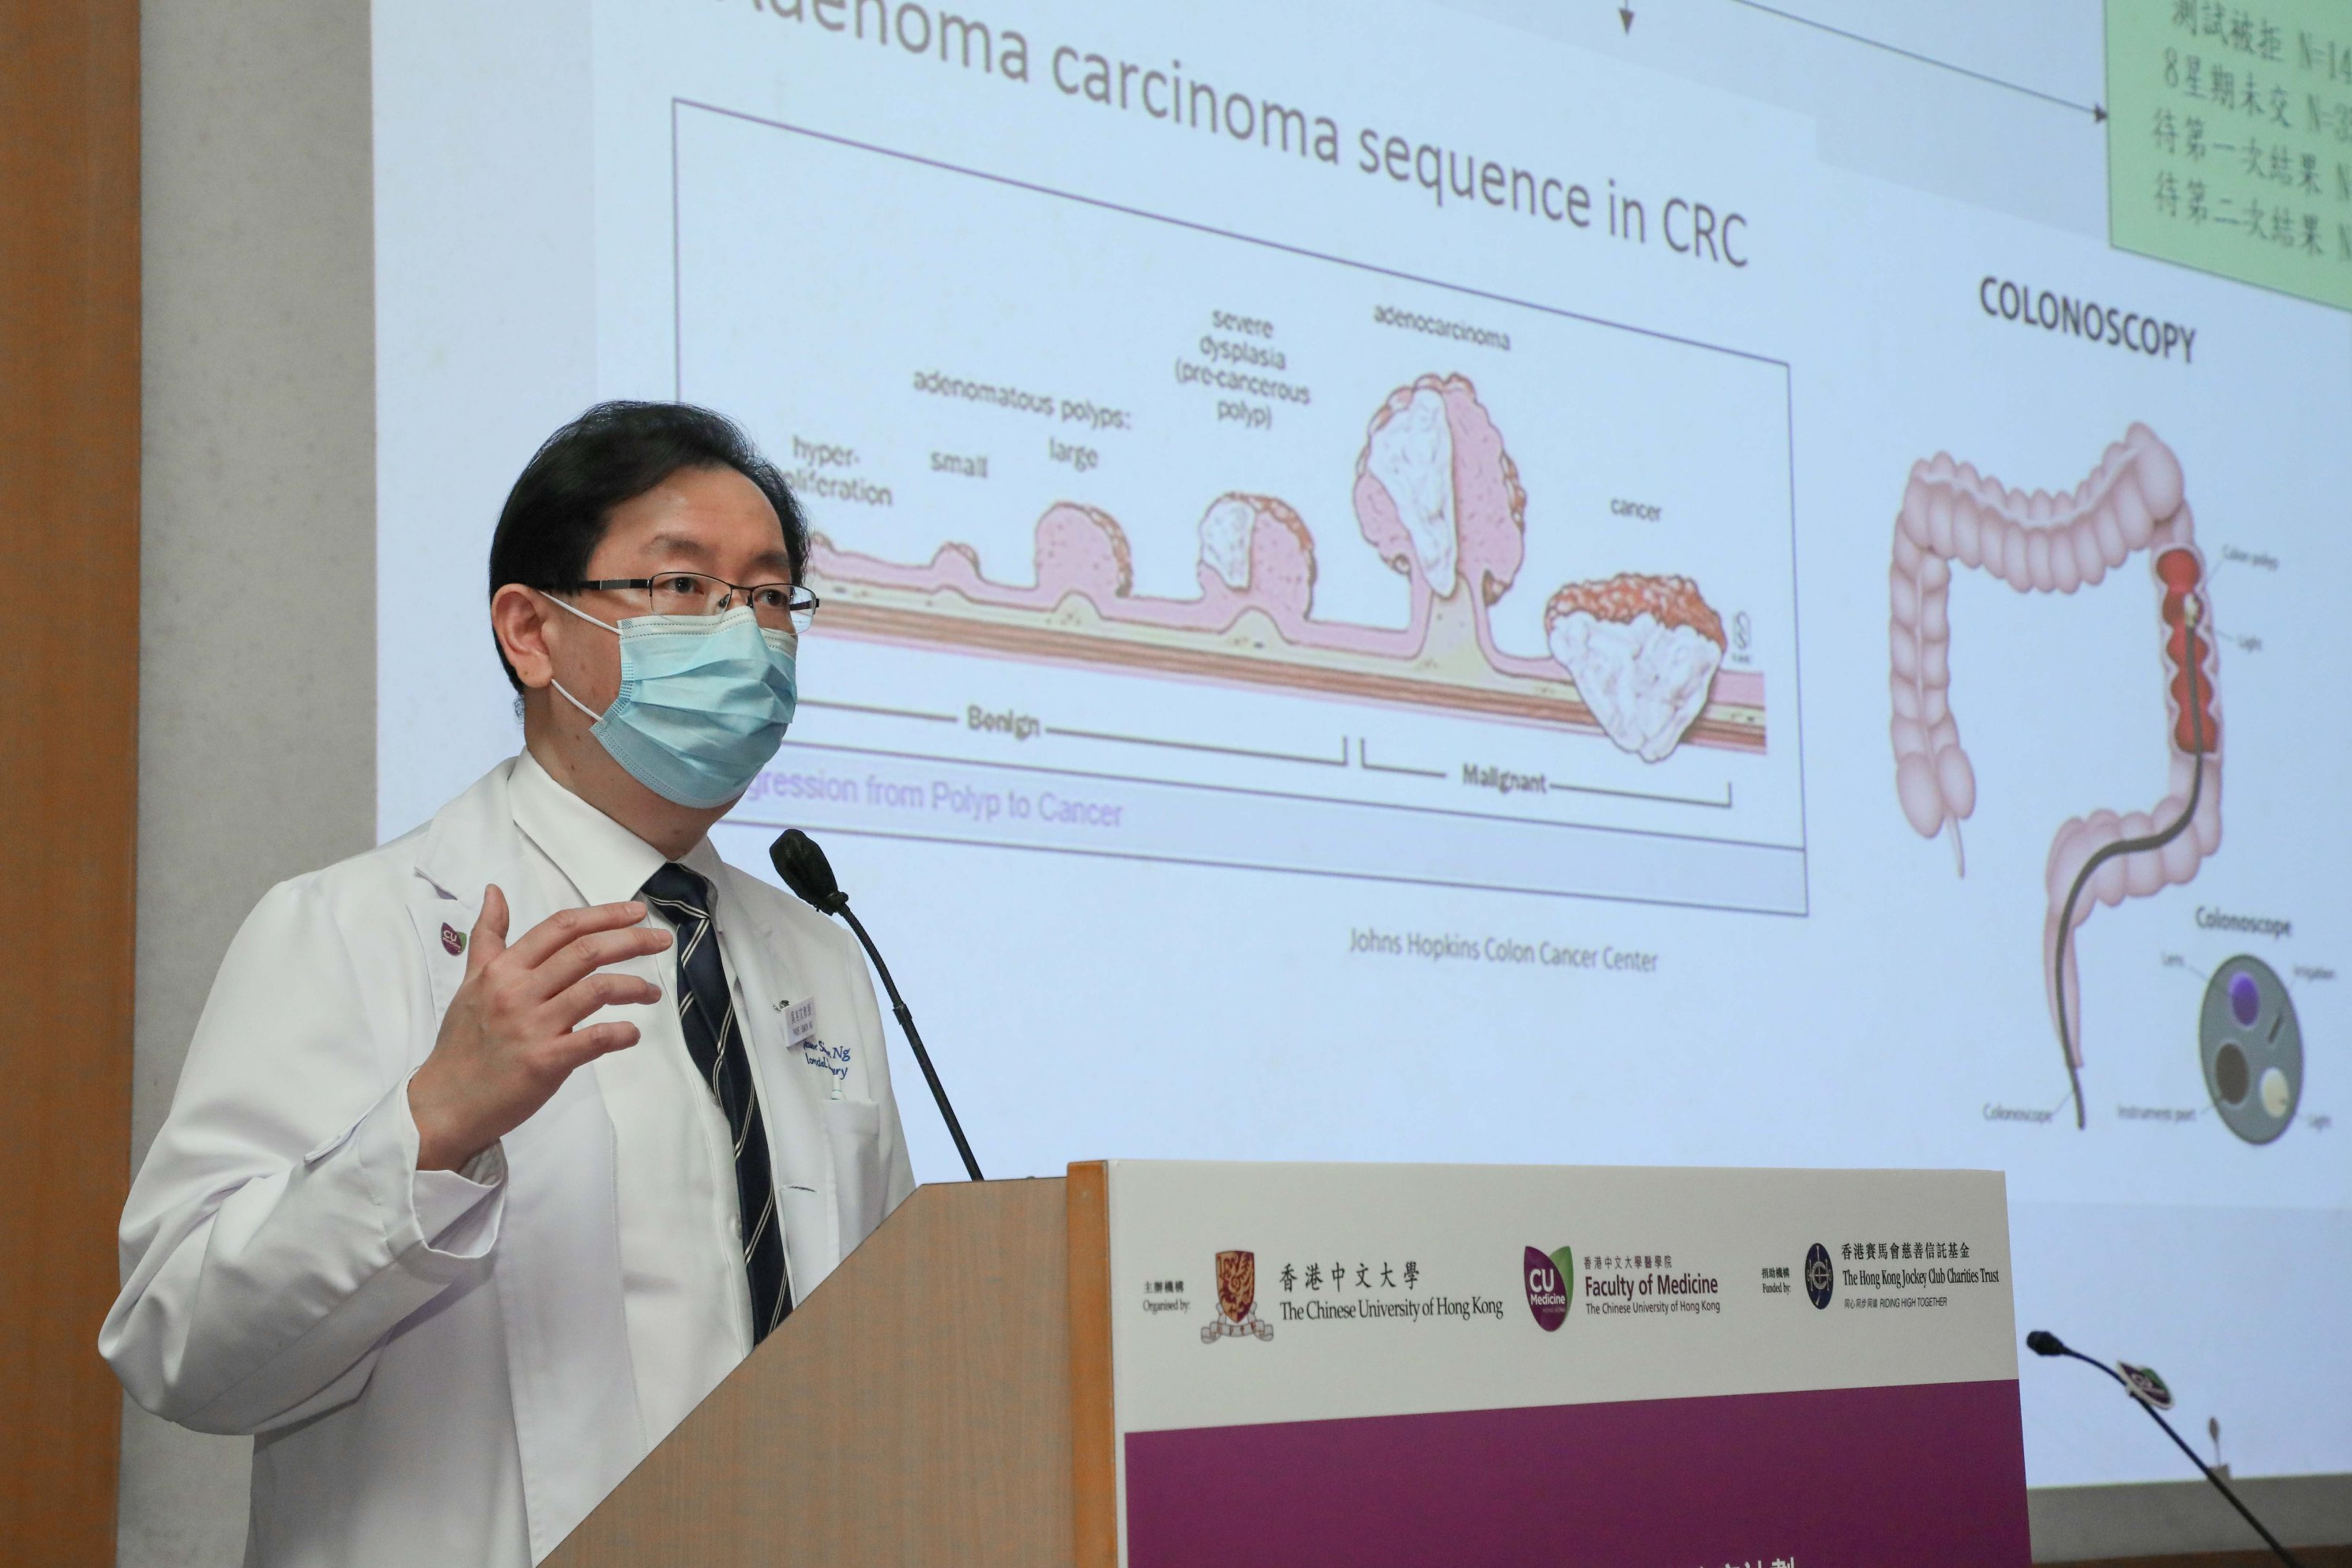 吴兆文教授指出,腺瘤或后期腺瘤均为癌前病变,若未能及时发现,有机会演变成大肠癌。